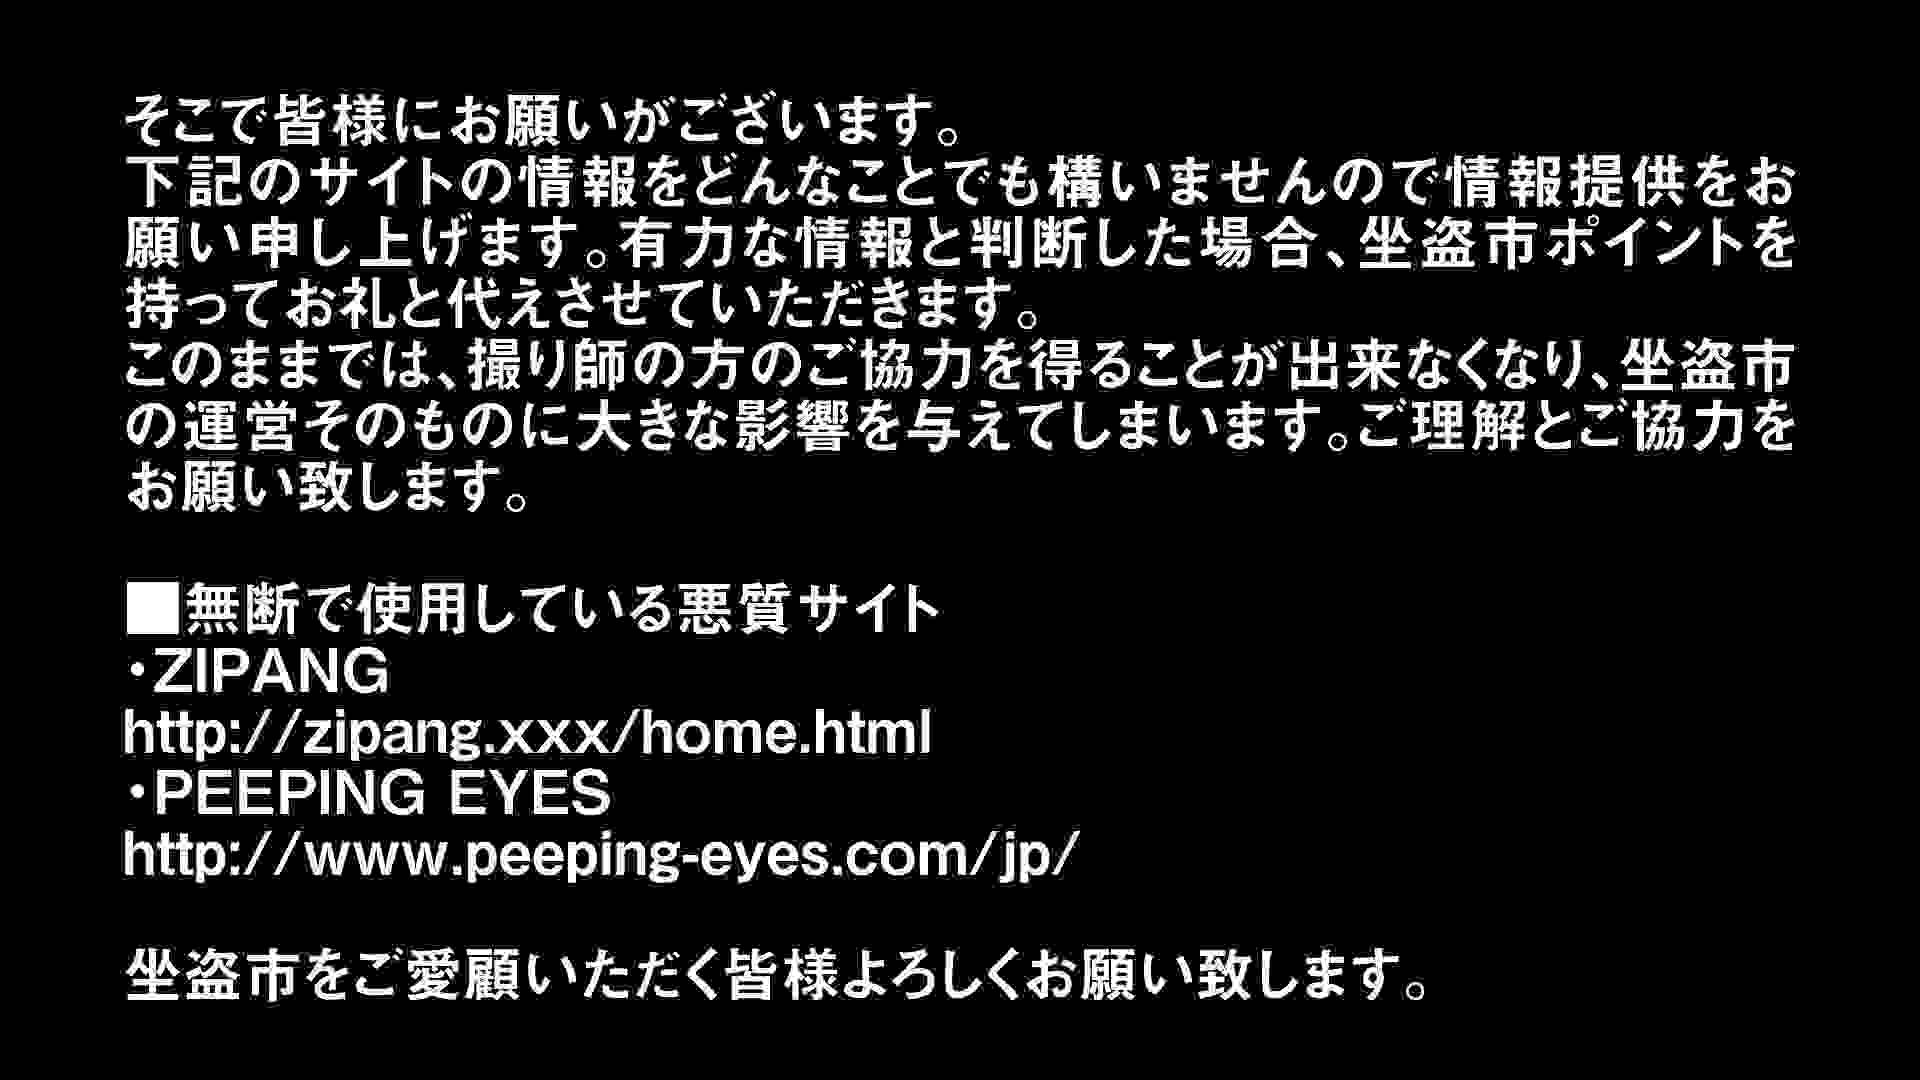 Aquaな露天風呂Vol.300 盗撮 | 露天風呂  83連発 28